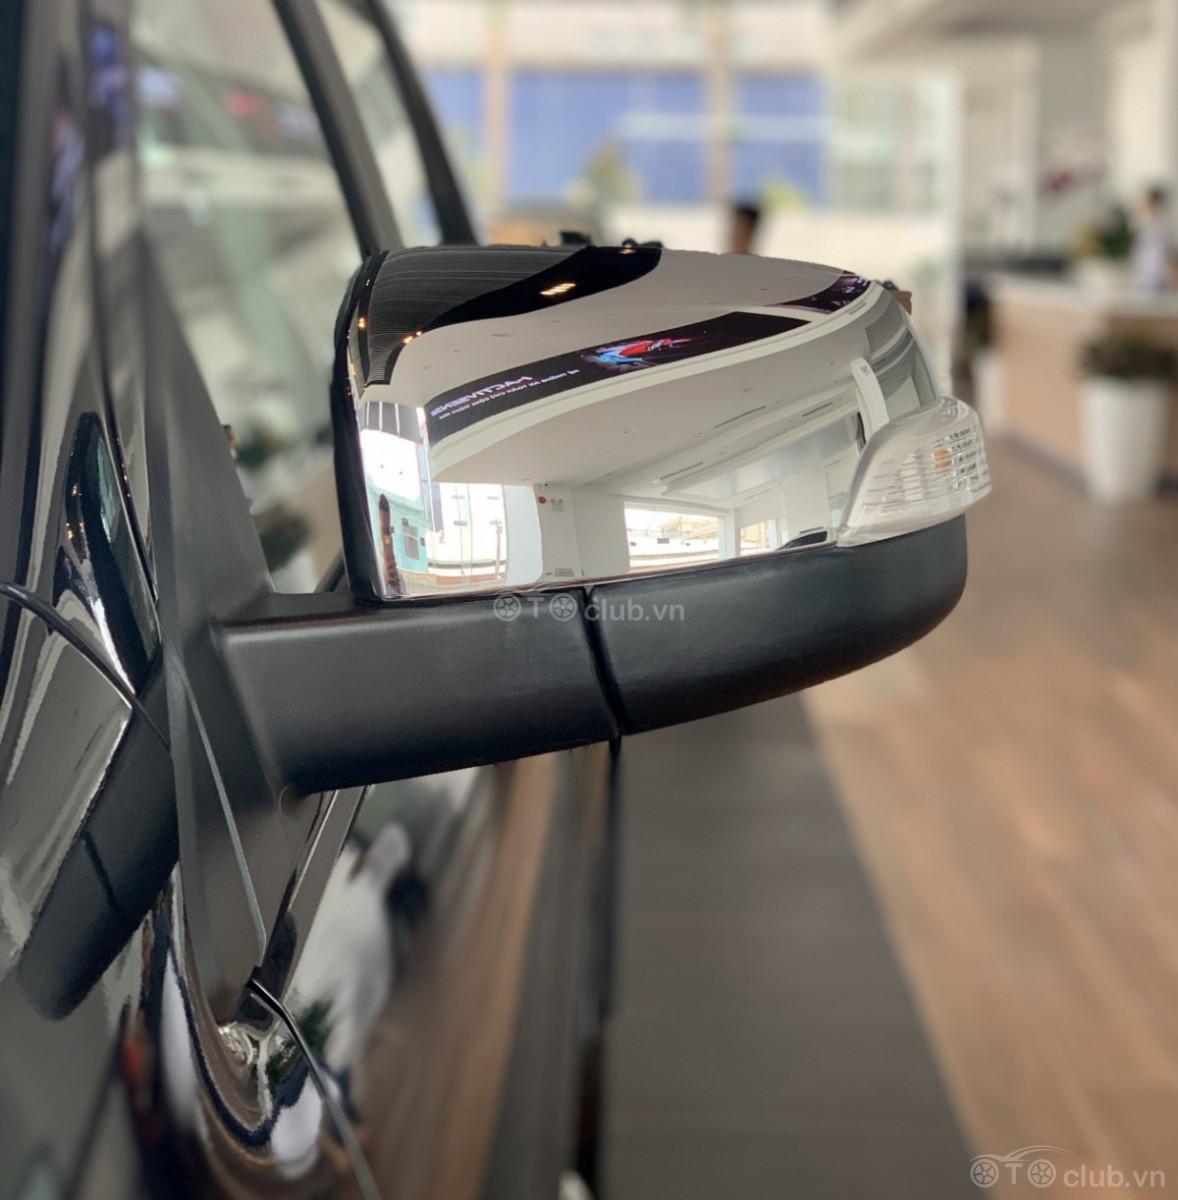 Mazda BT-50 Luxury 2018- giảm khủng 70tr + nhiều quà tặng đại lí ,mới 100%